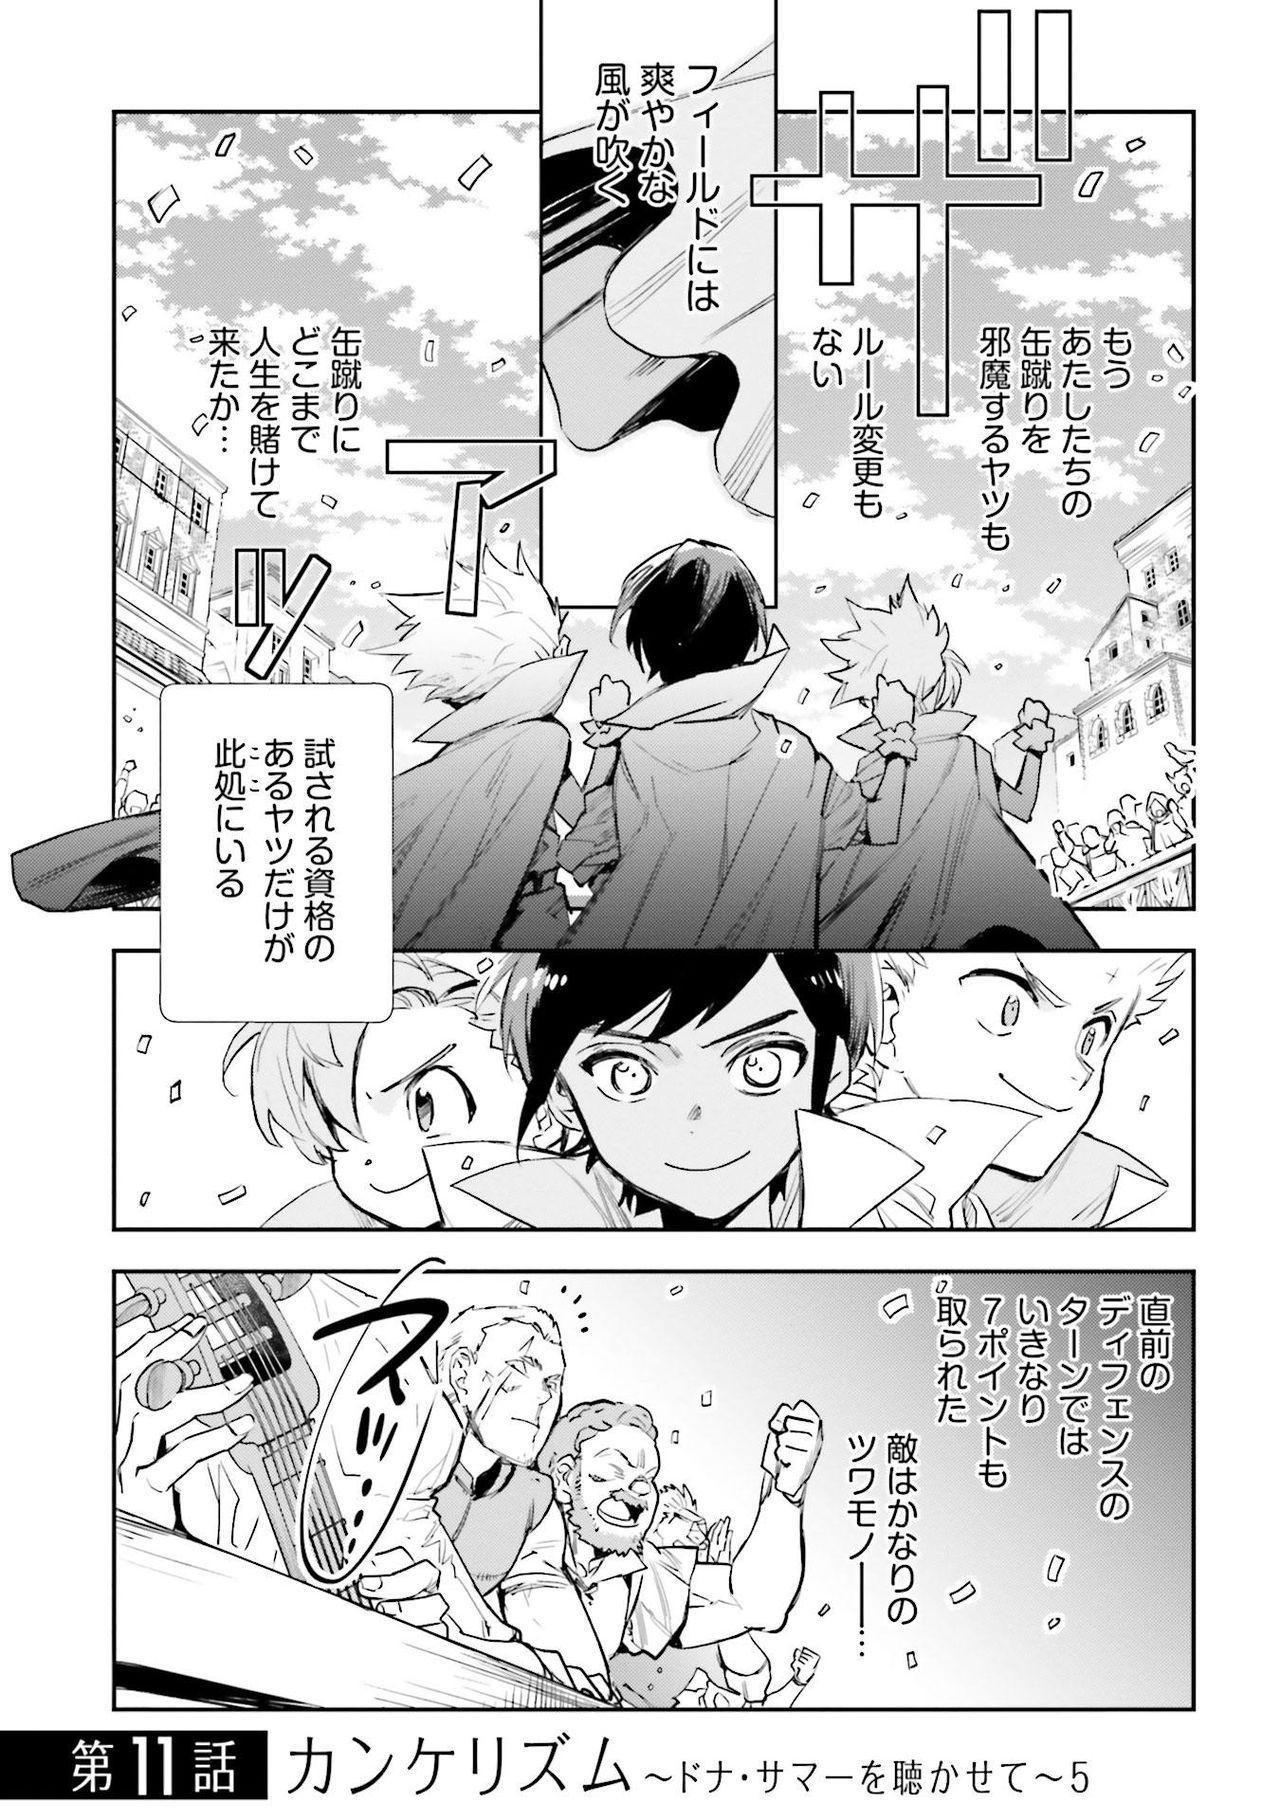 JK Haru wa Isekai de Shoufu ni Natta 1-14 418